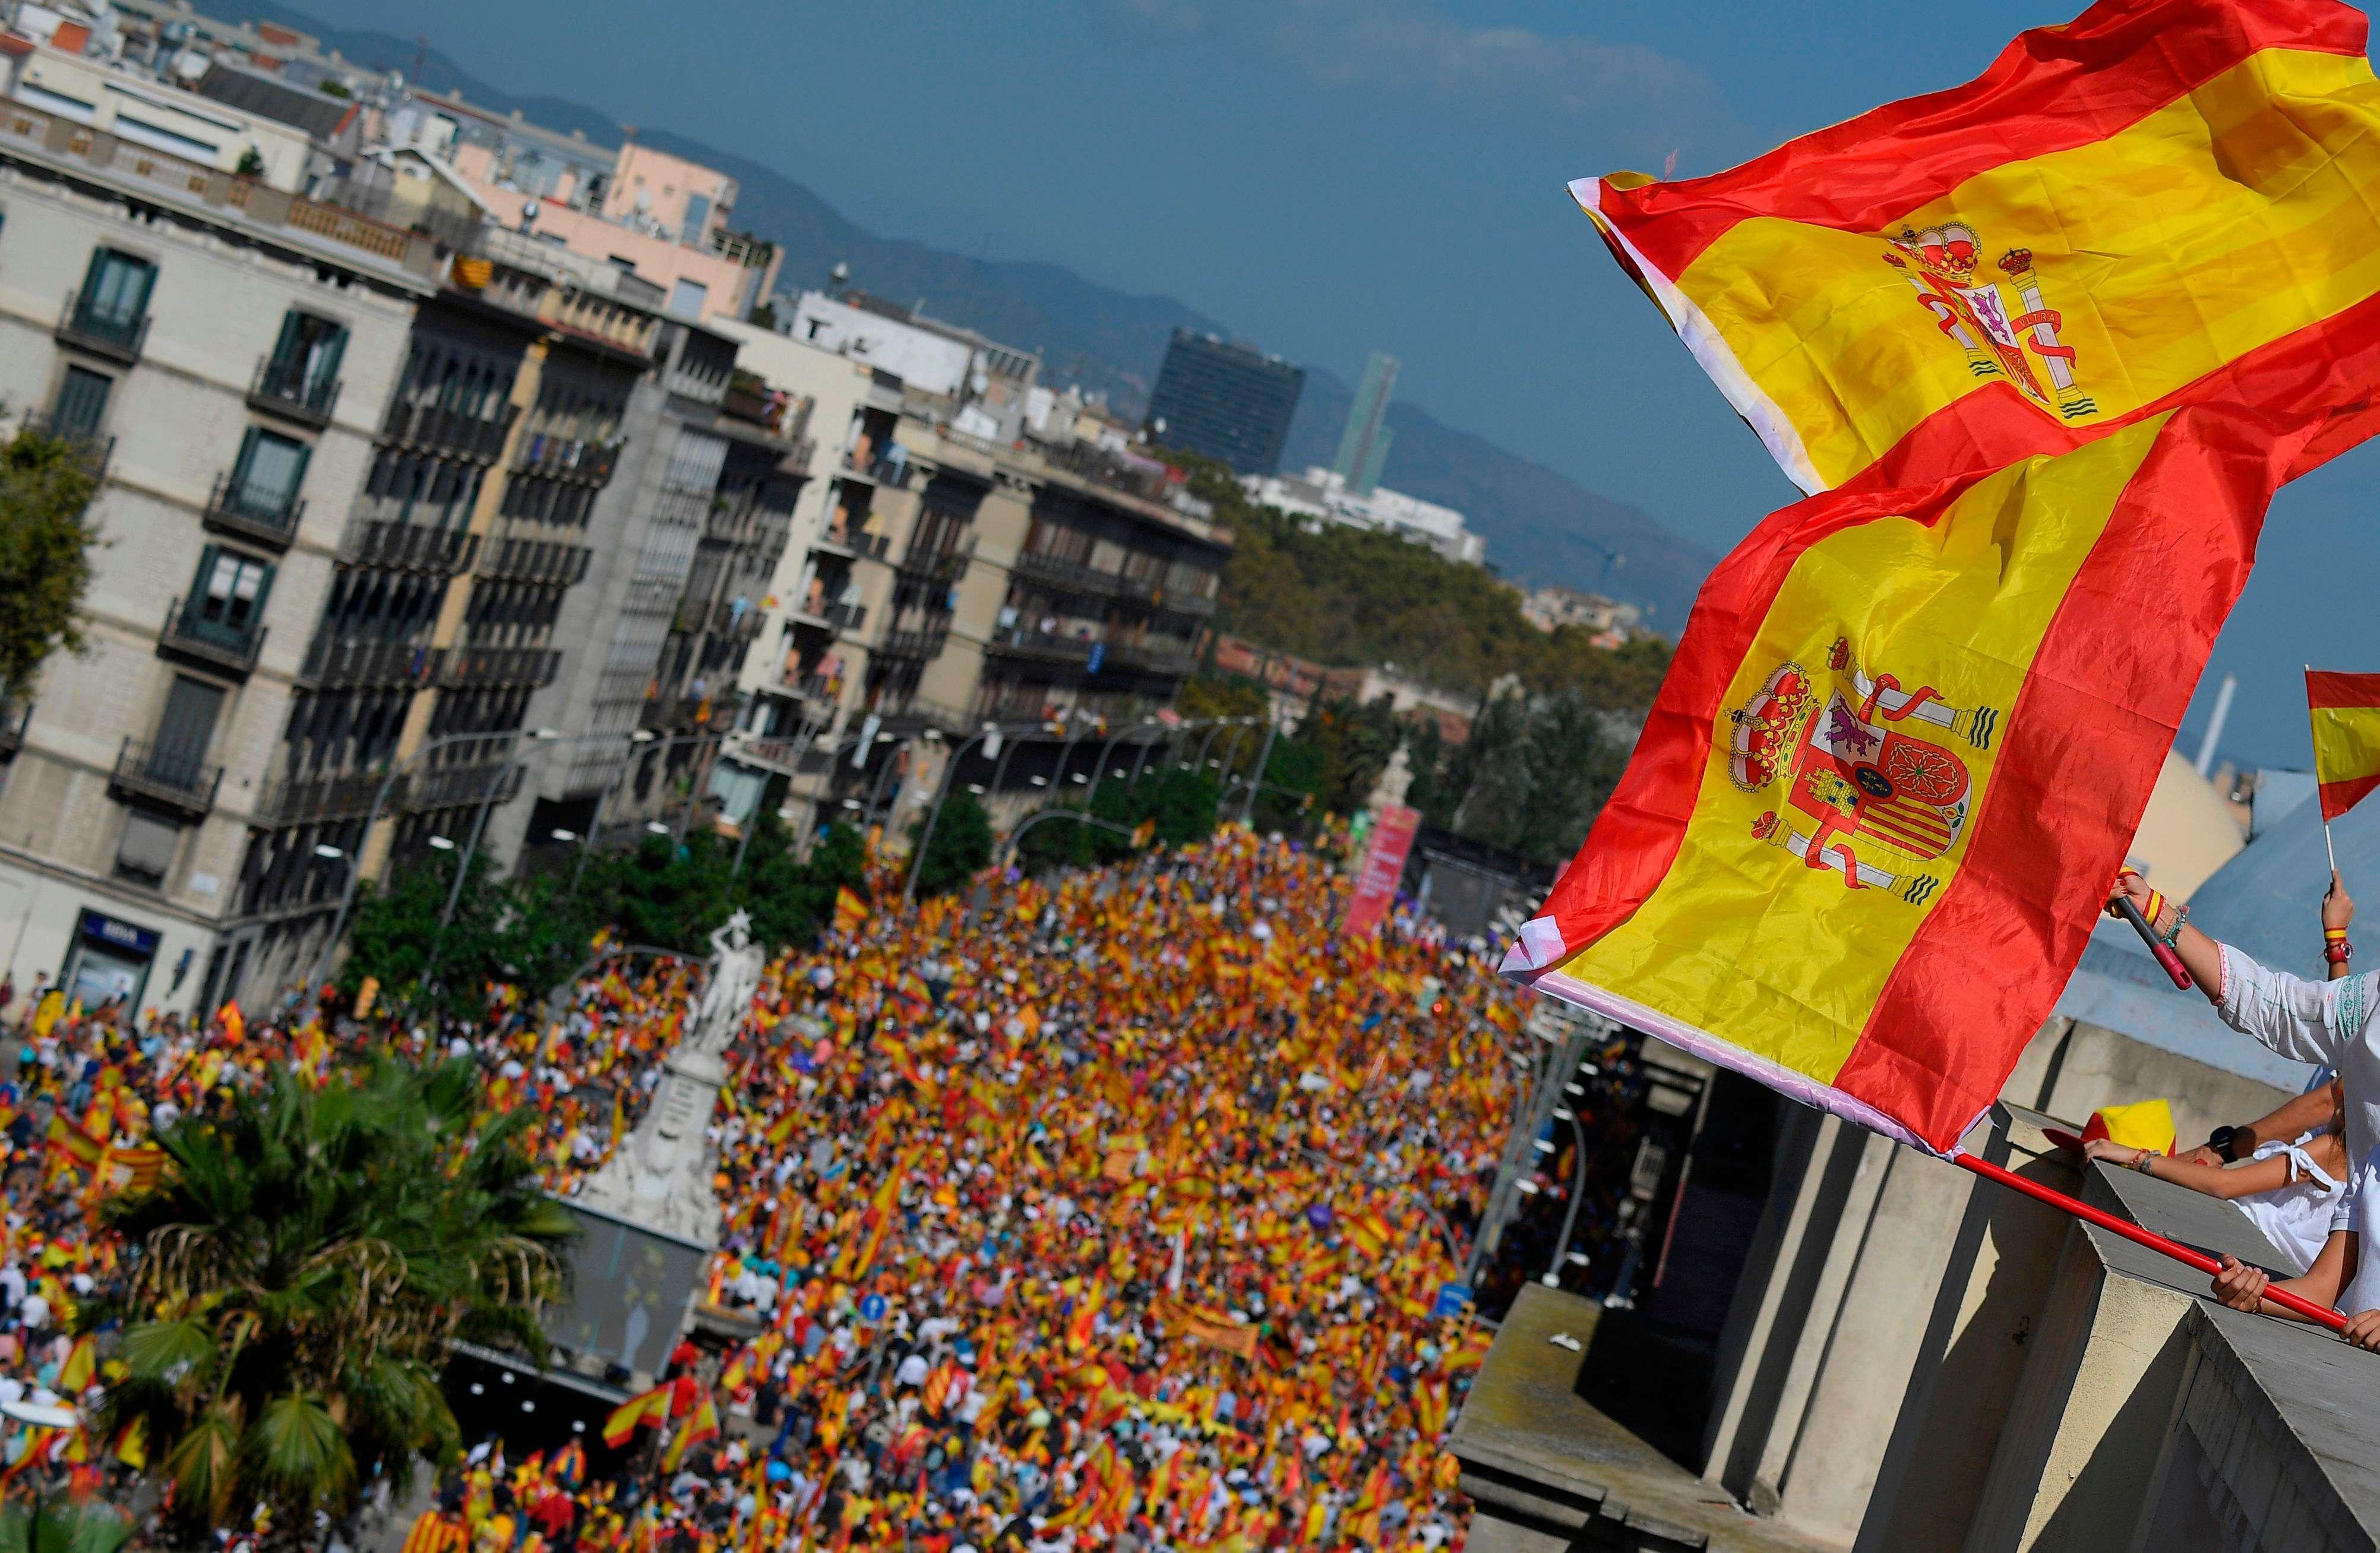 Le Maroc rejette le processus unilatéral d'indépendance de la Catalogne